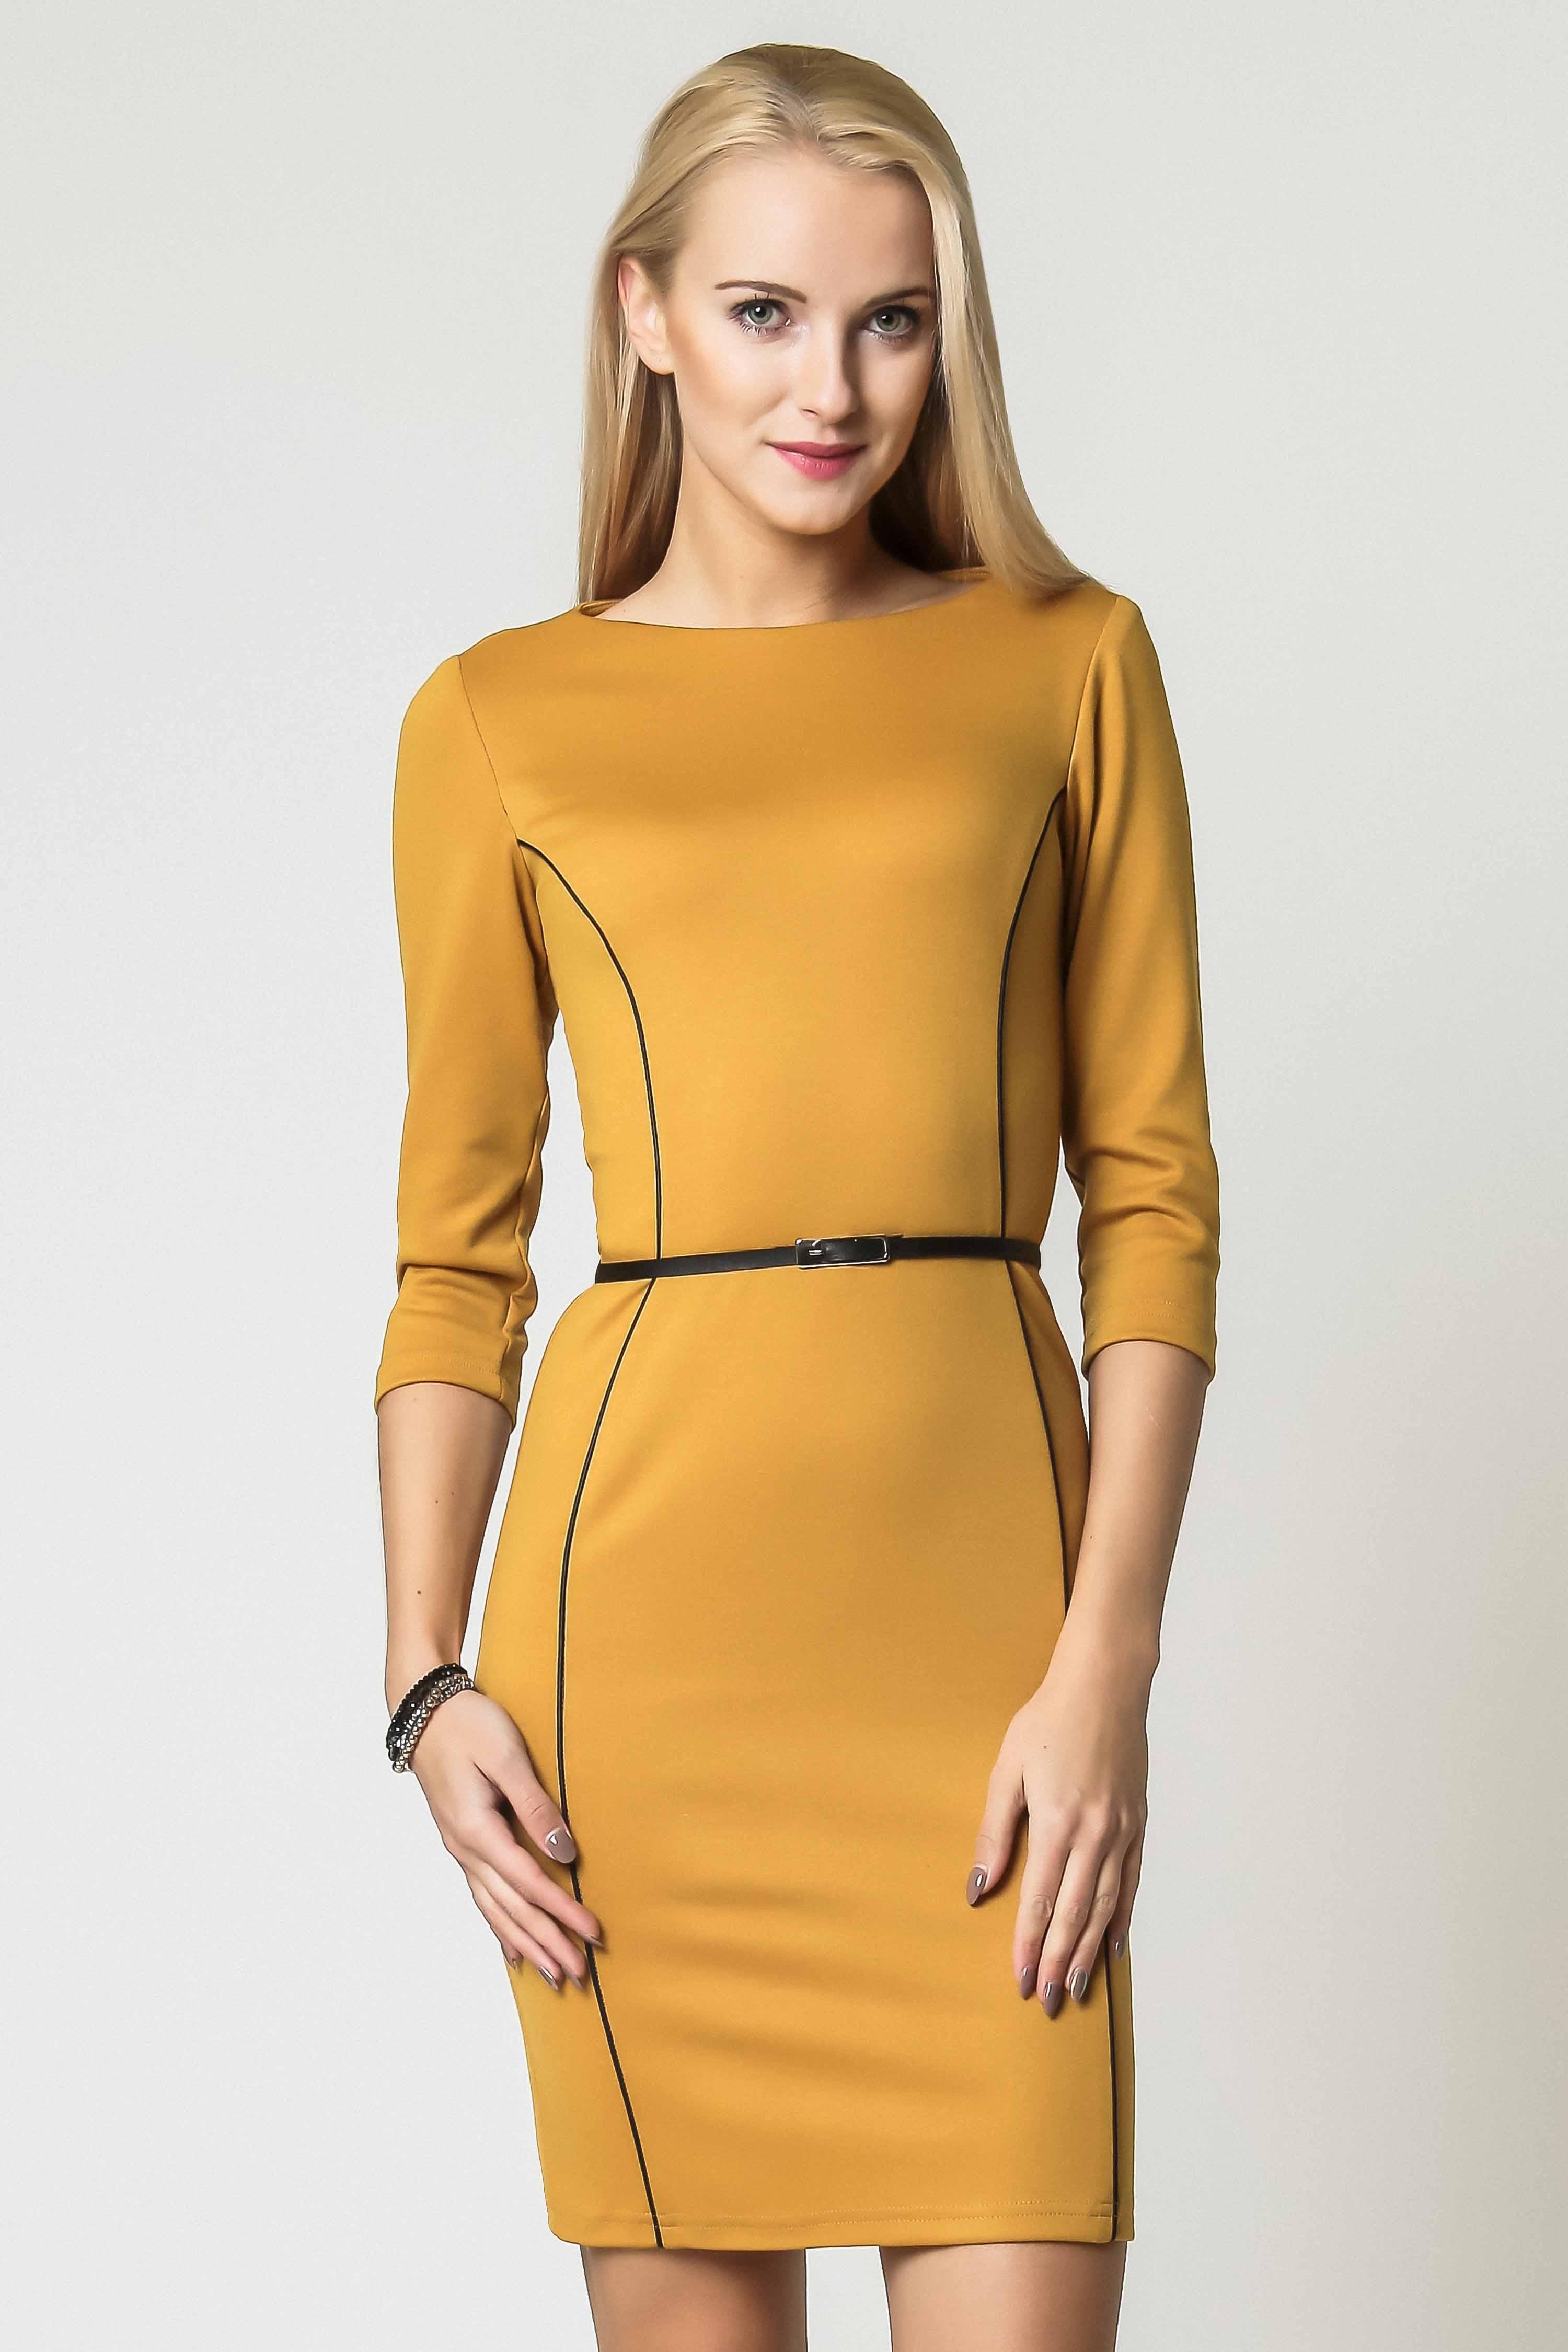 Společenské šaty  model 58448 Vera Fashion